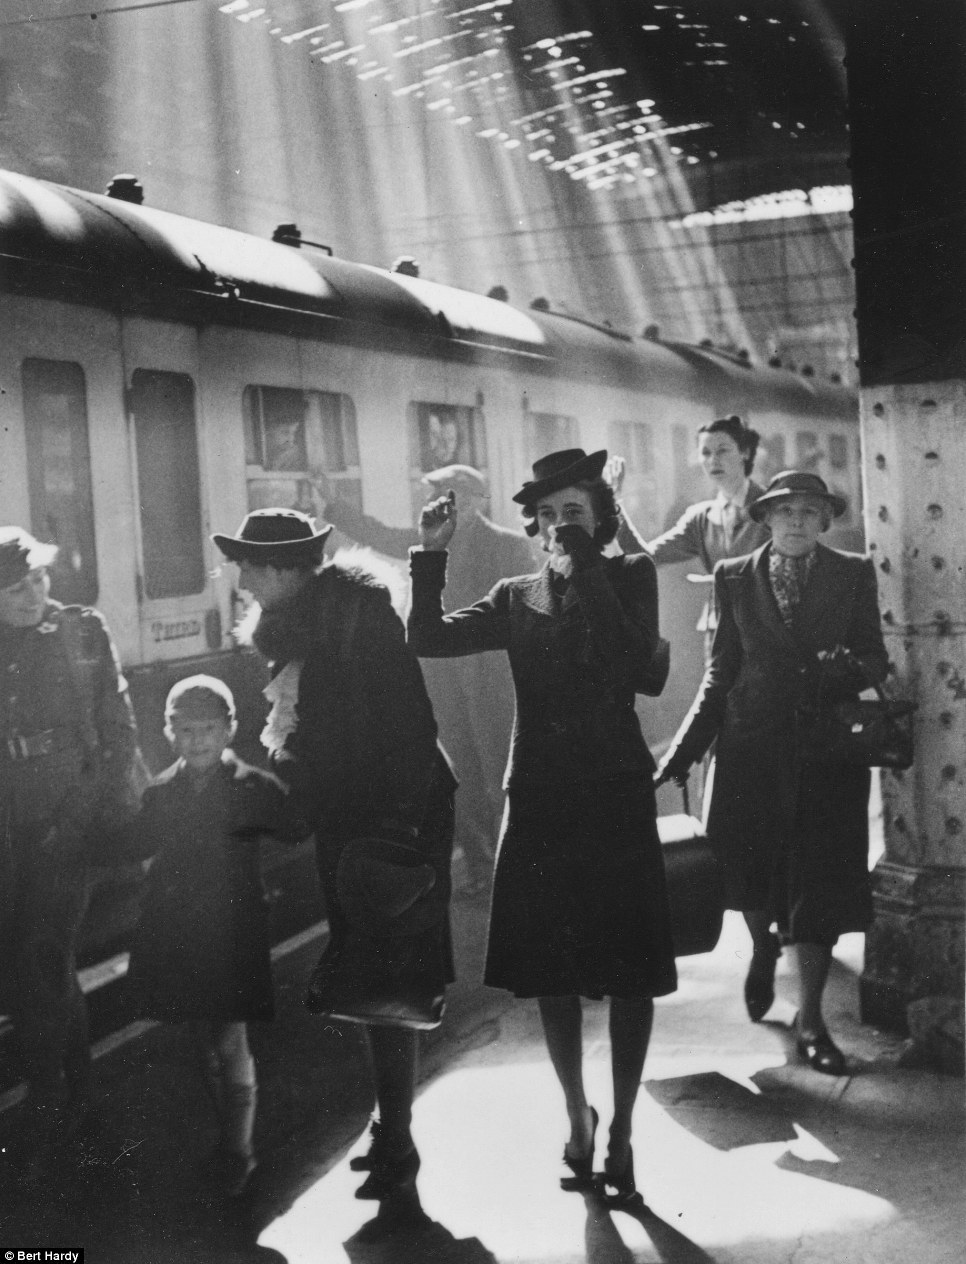 1942. Paddington állomáson, Londonban gyermekeiknek integető anyák. A német bombázások alatt a gyerekek egy részét észak-angliába költöztették befogadókhoz..jpg